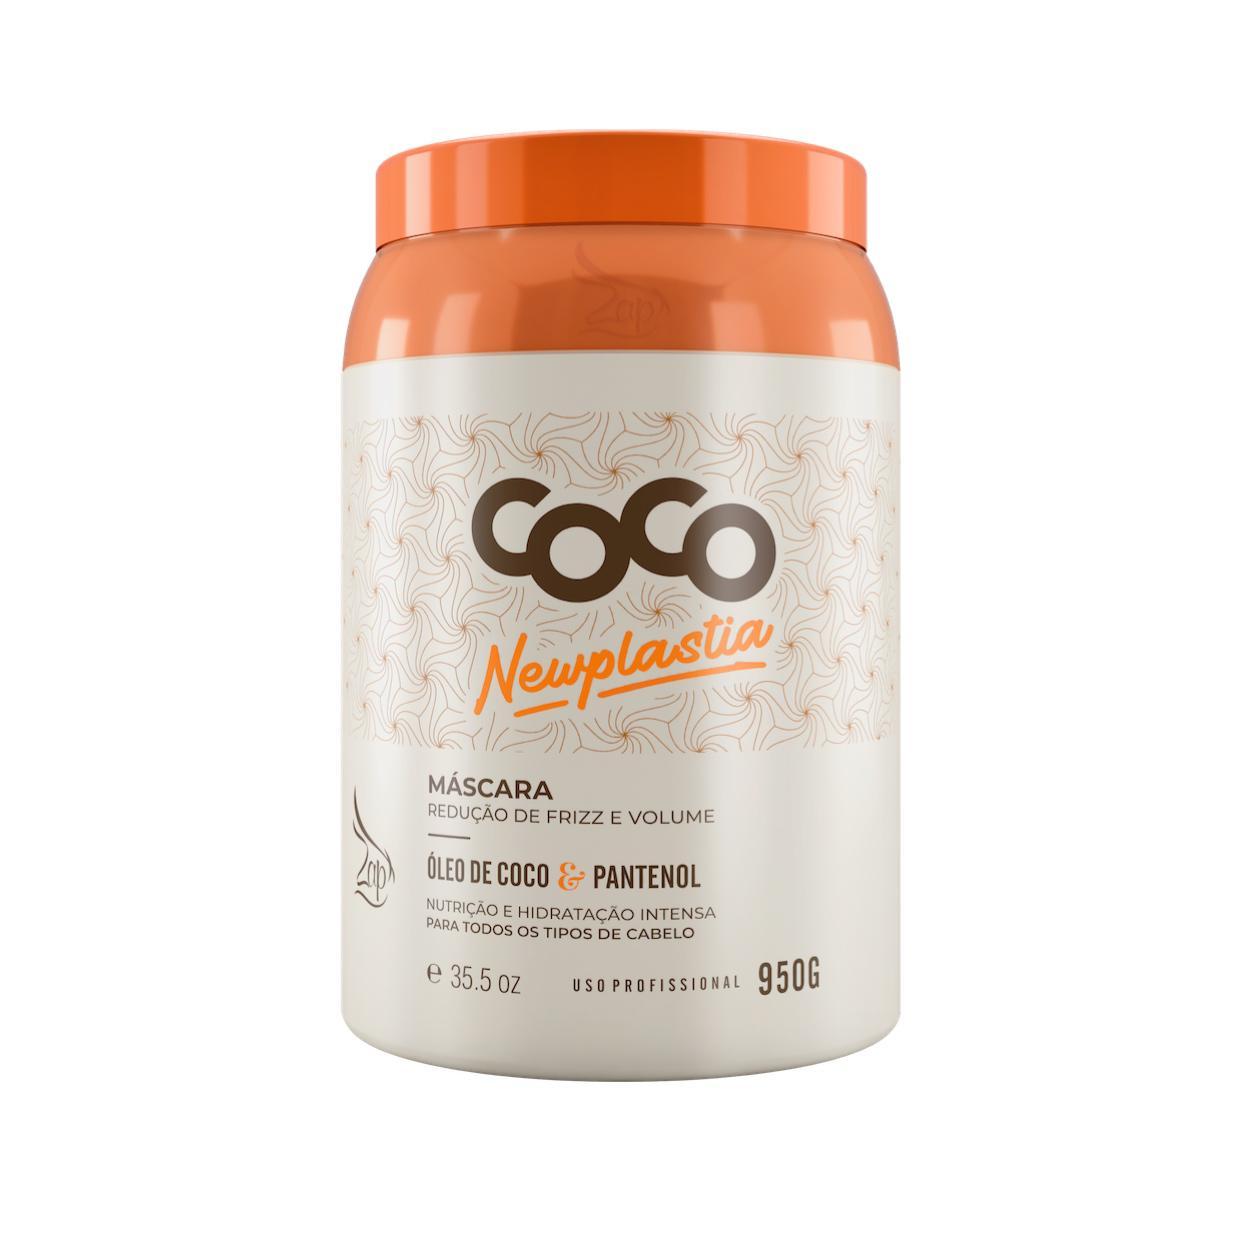 Zap Coco Newplastia Máscara 950g